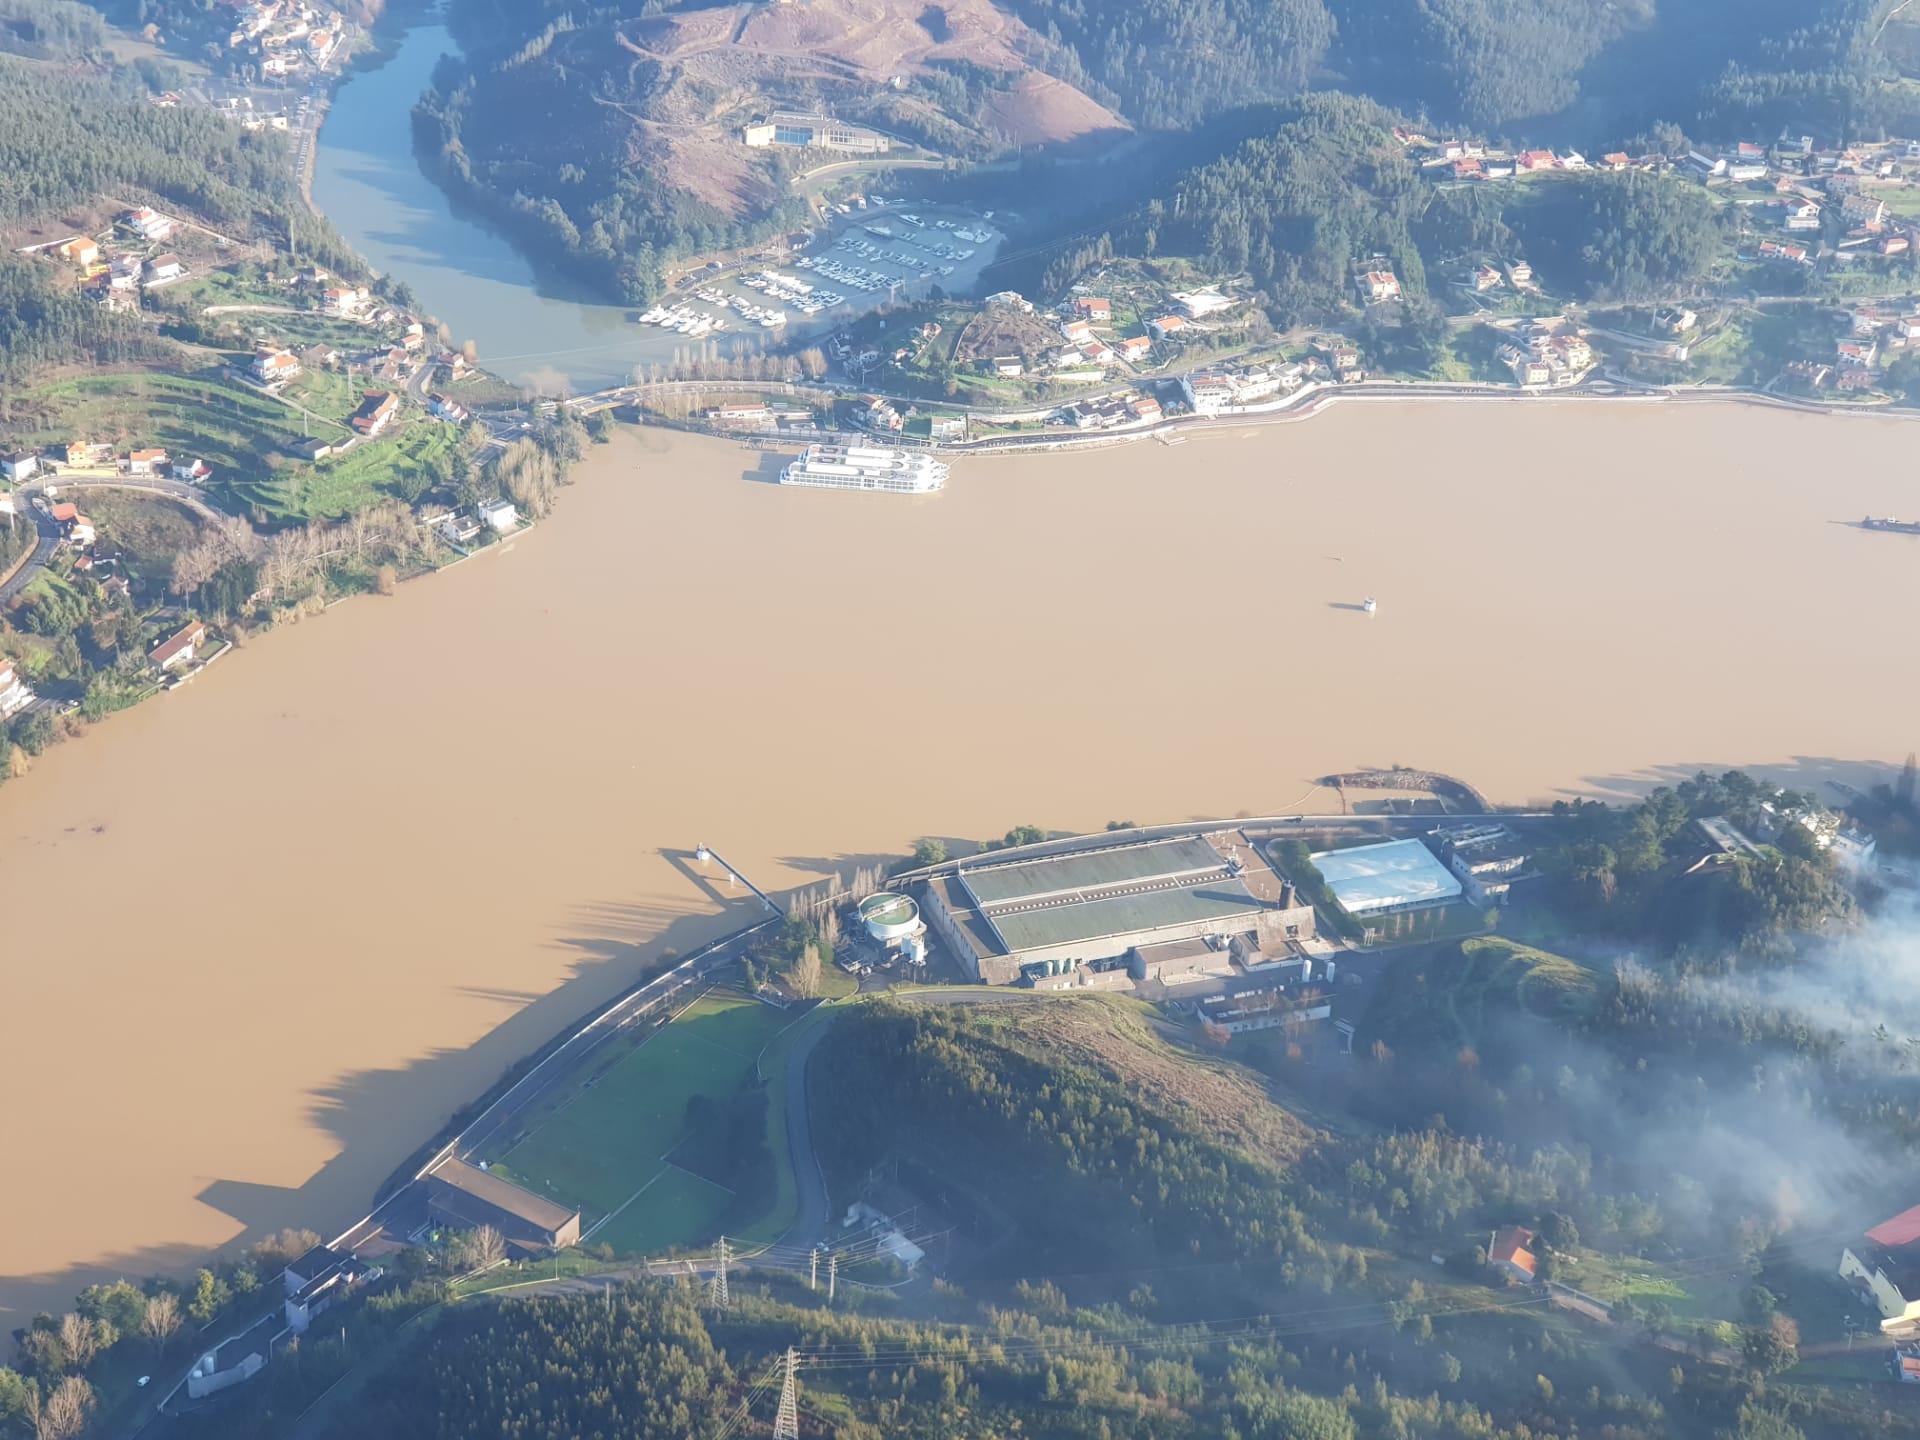 LM-Arquivo-Douro-Paiva-Foto-Aerea-ETA-Lever-043